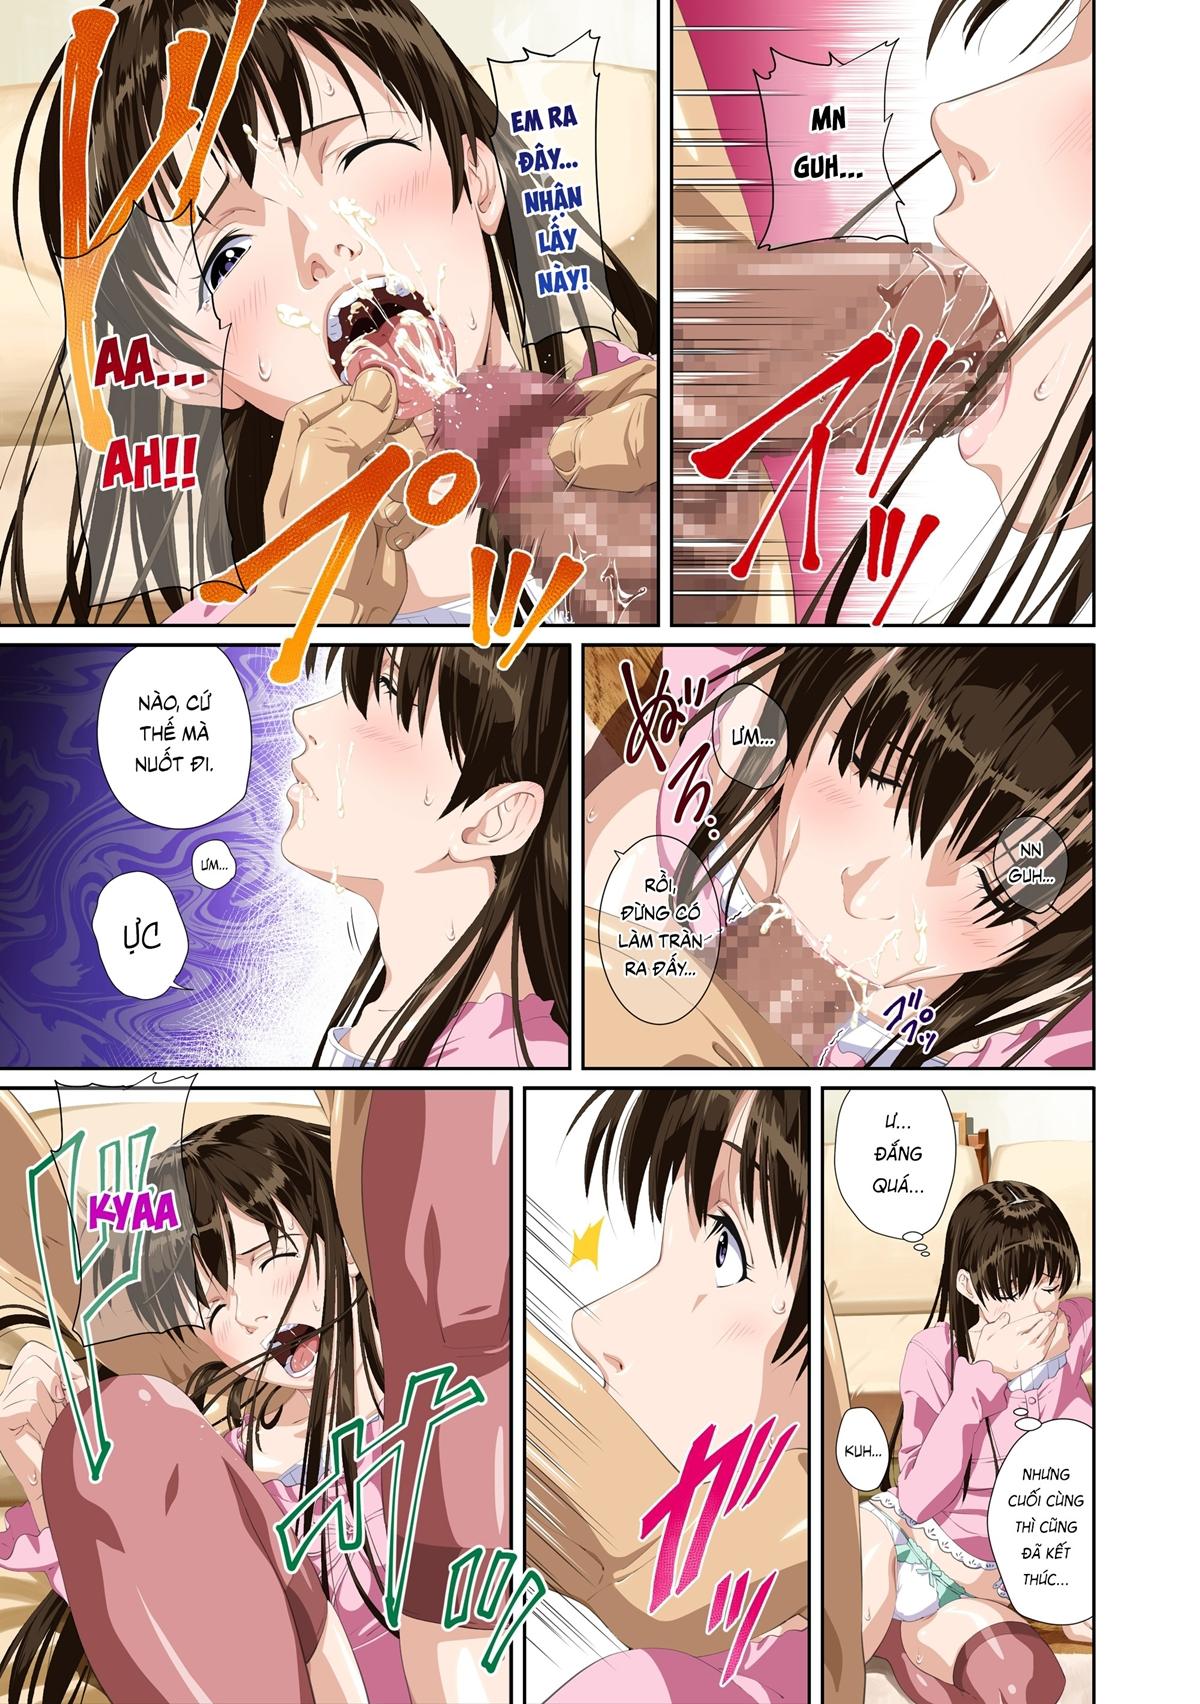 Truyện tranh sex địt em mỹ nhân trường học - Chap 3 - Truyện Hentai